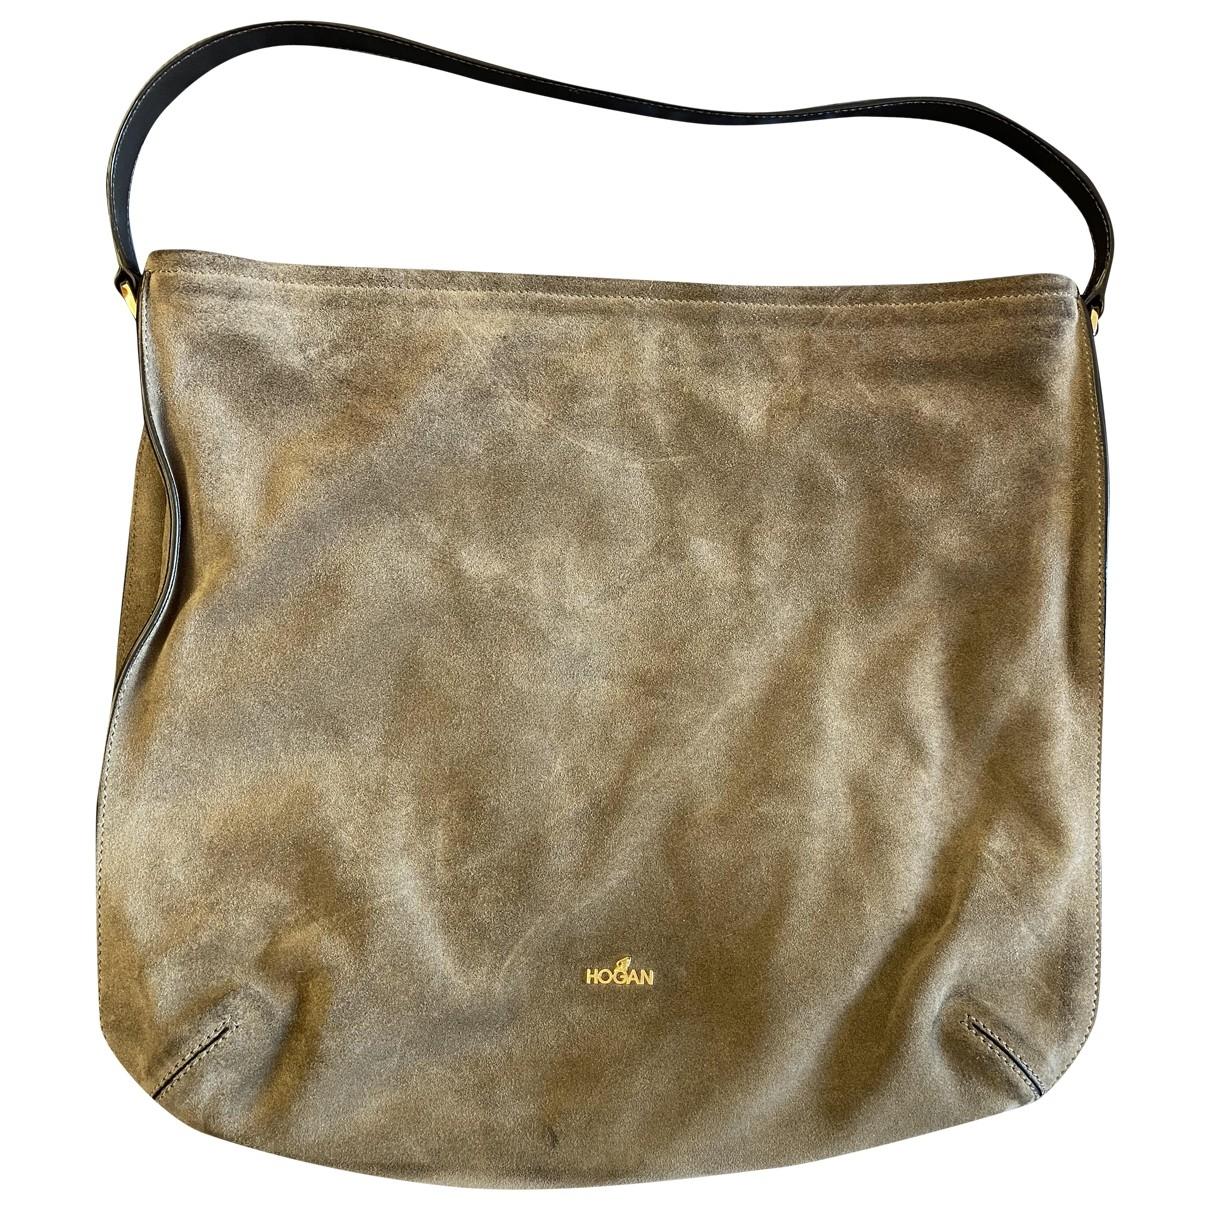 Hogan \N Handtasche in  Braun Veloursleder